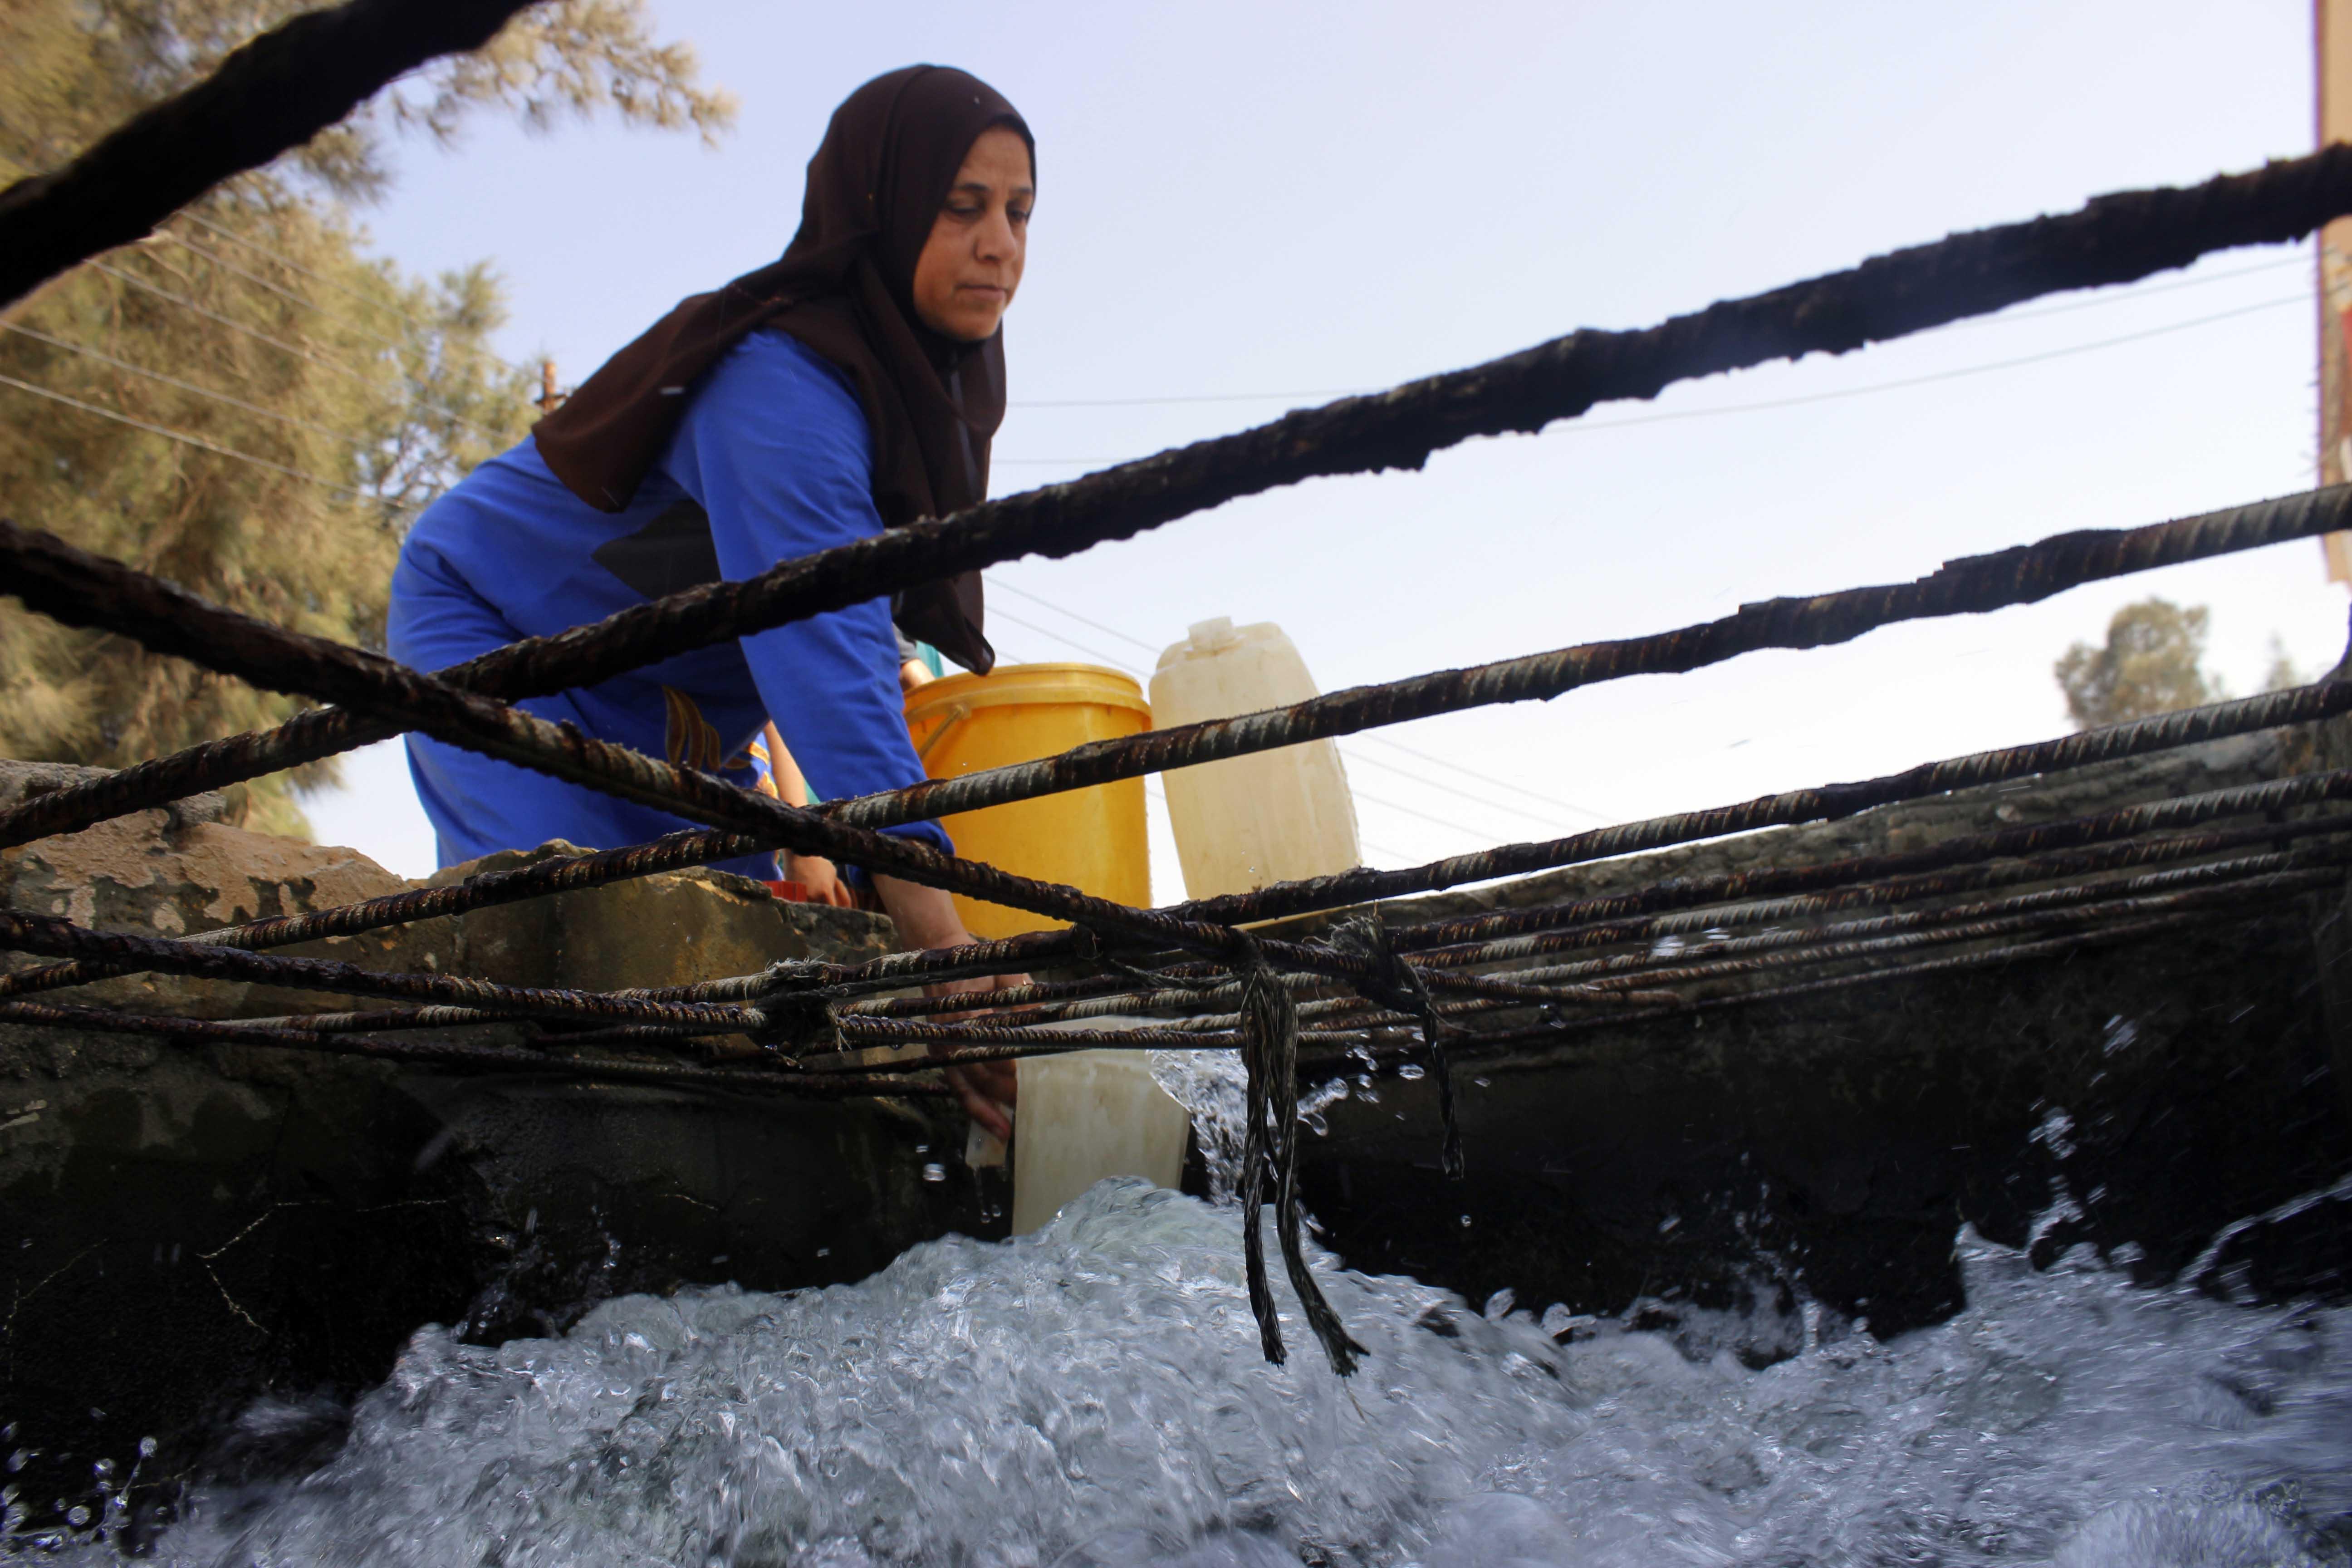 قري  تعيش بدون مياه  شرب  لأربعة أشهر  - تصوير  محمد عوض  (13)